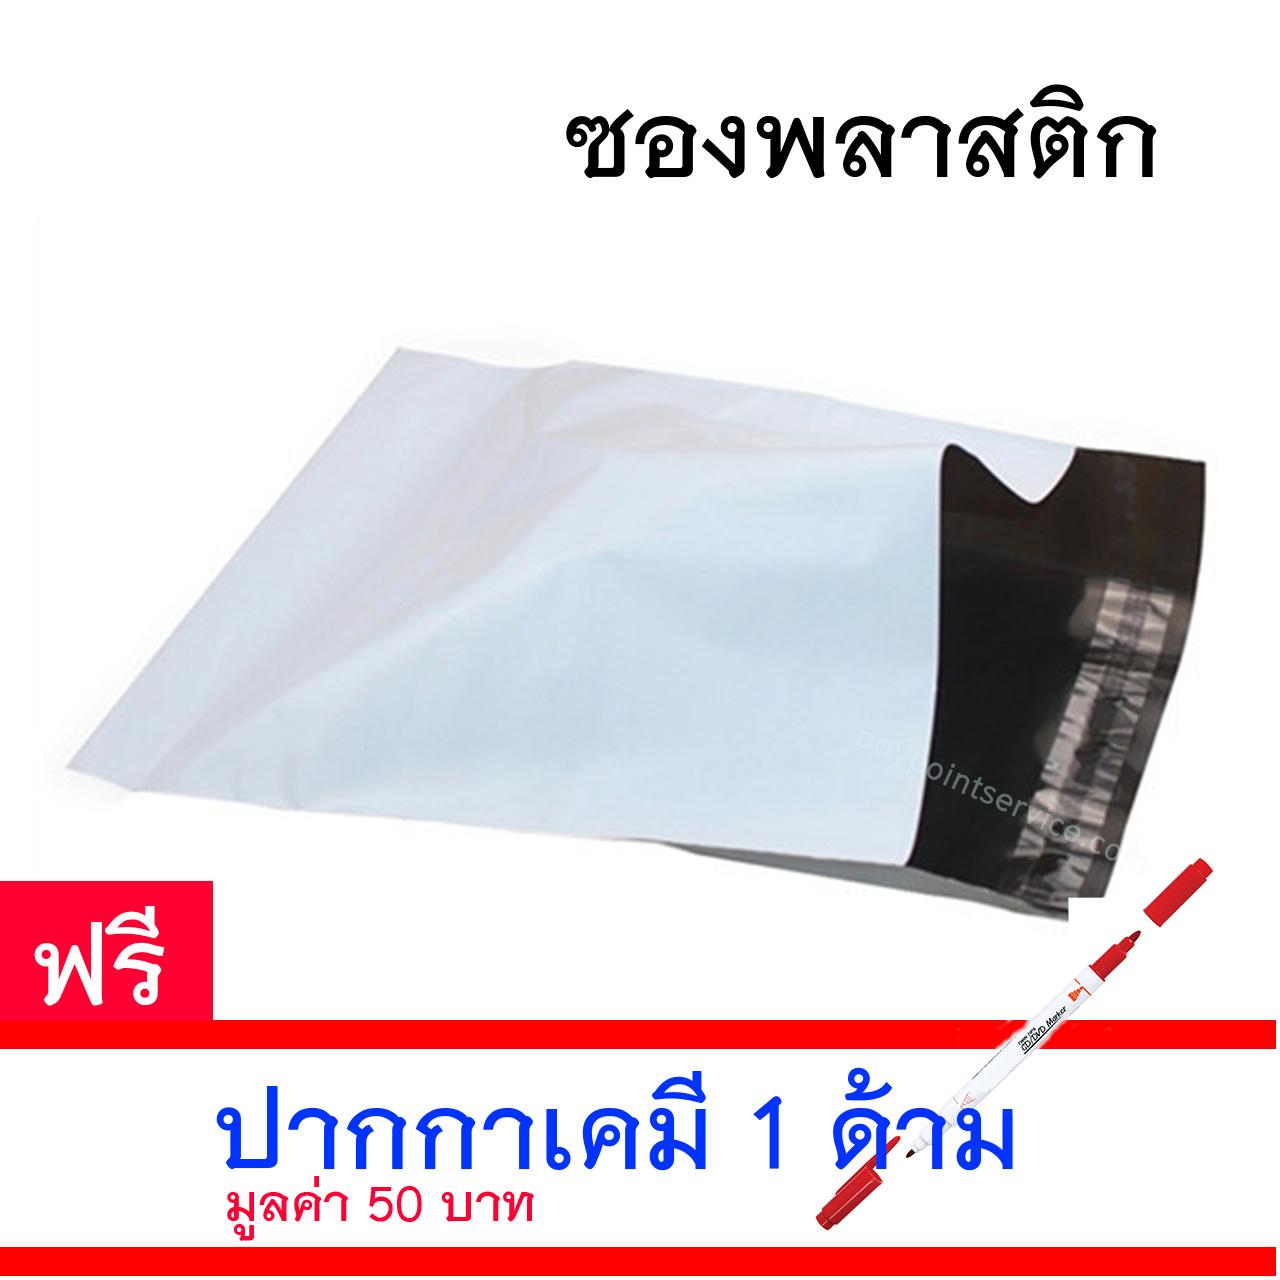 ซองไปรษณีย์พลาสติก เบอร์ L:28*42 cm (เฉลี่ยใบล่ะ 3 บาท) แถมปากกา มูลค่า 25 บาท